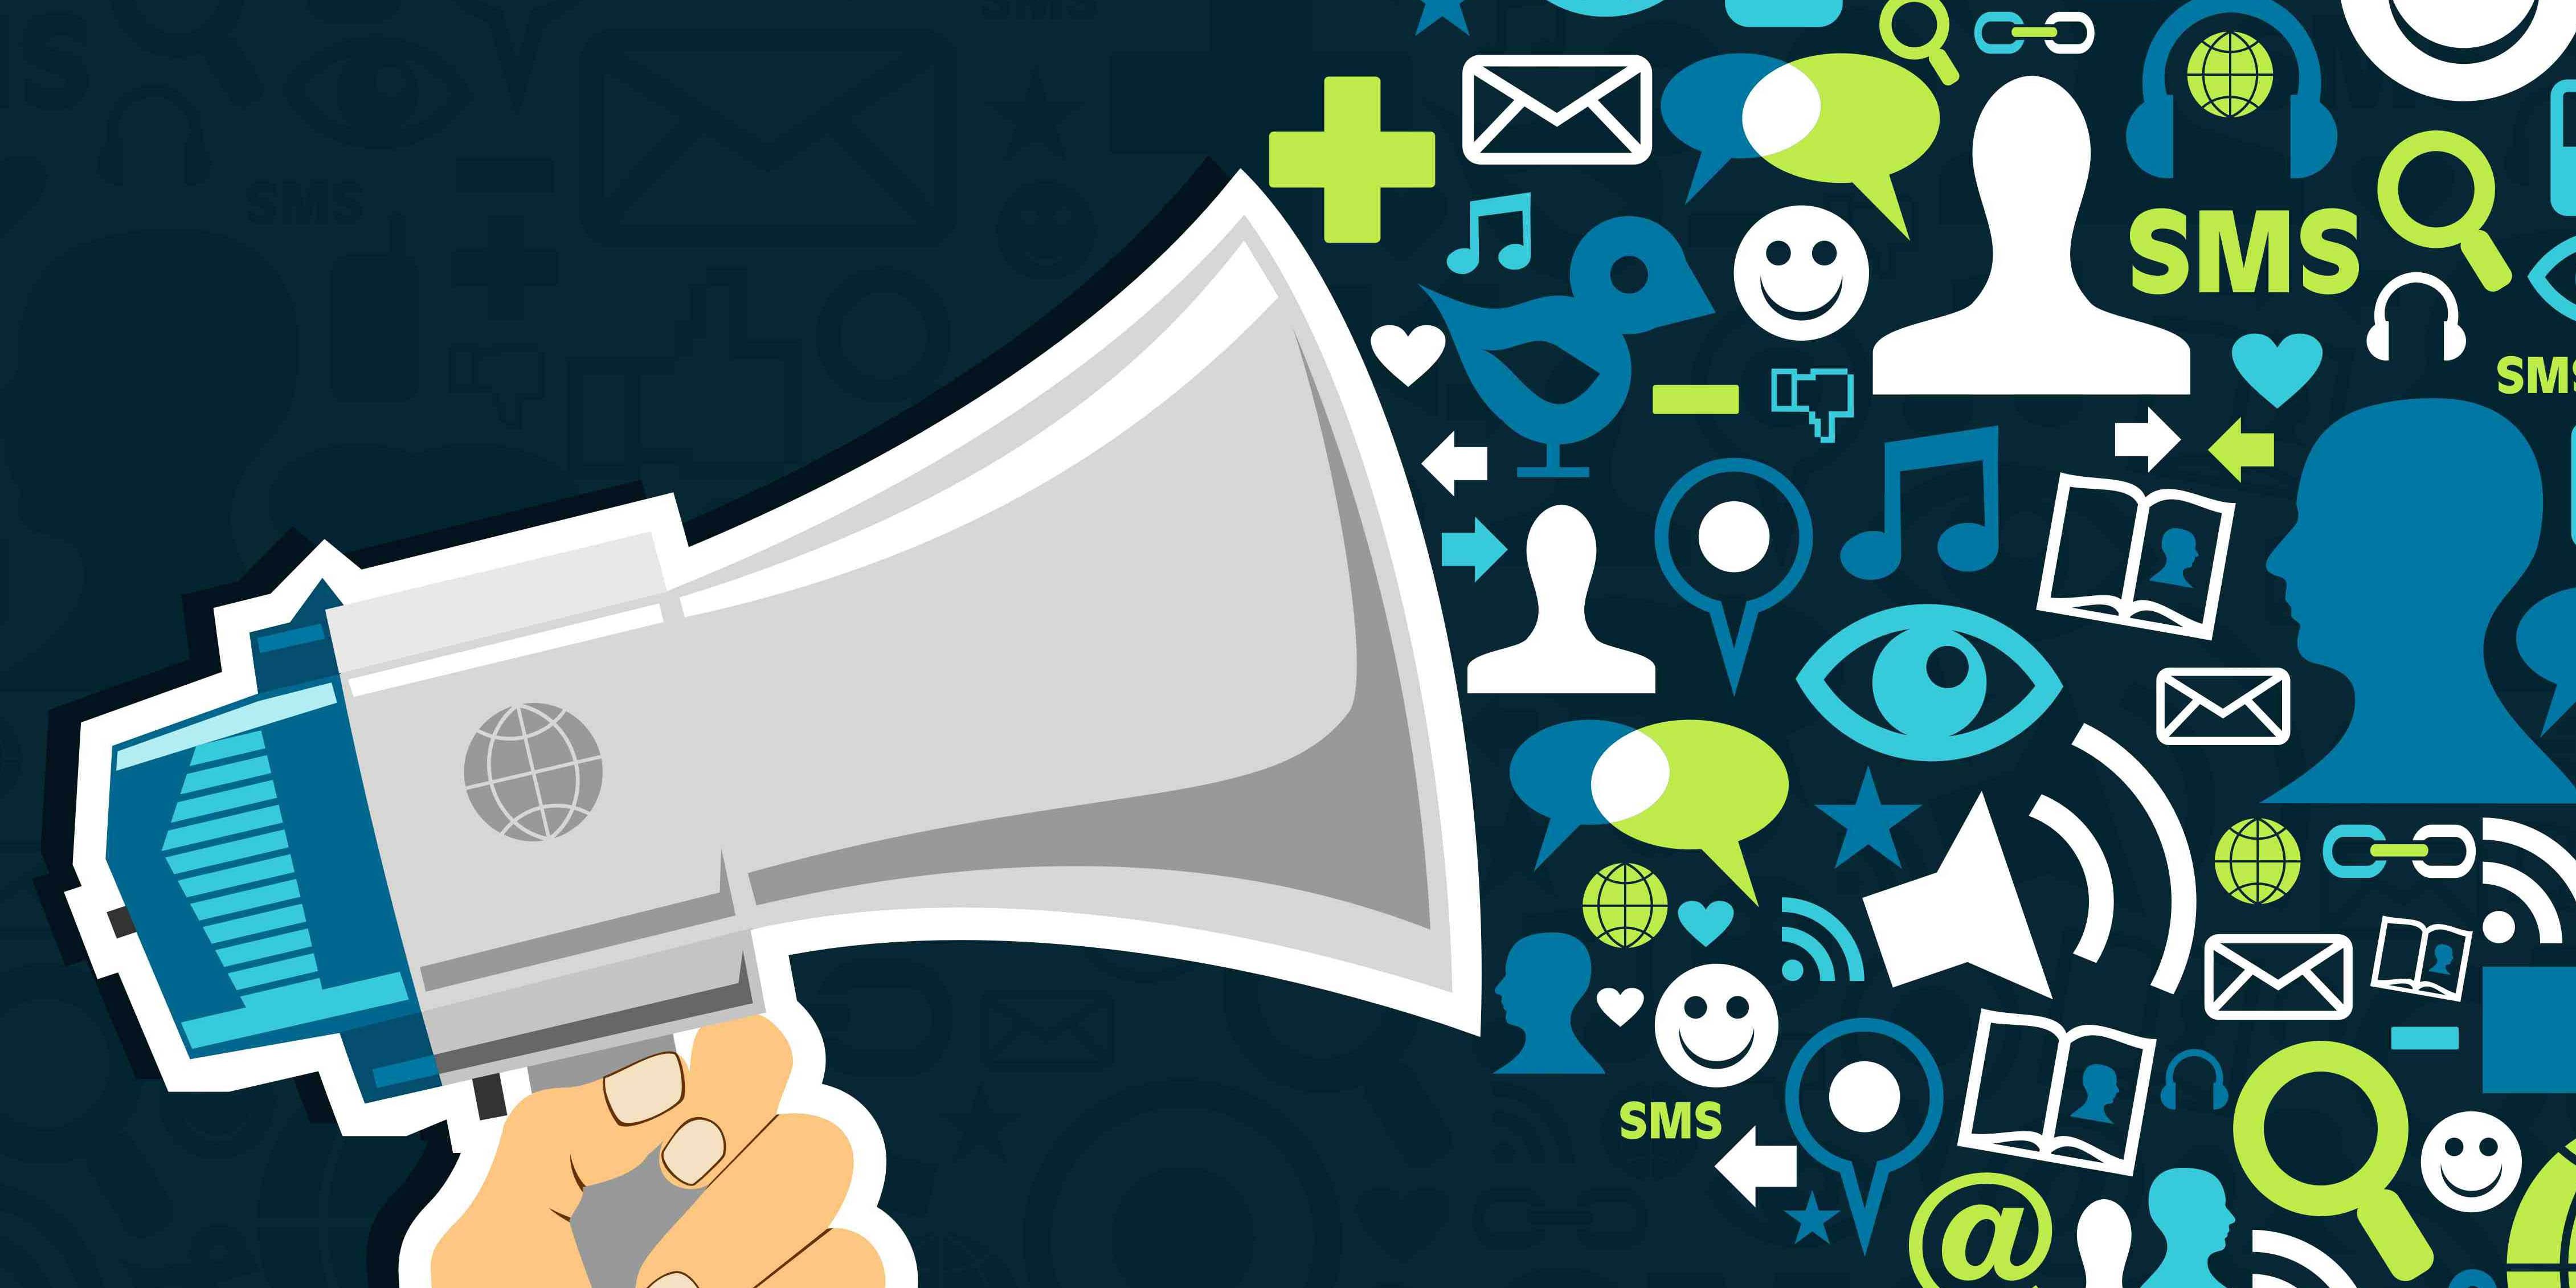 تحول در بازاریابی با روشهـــای KOL